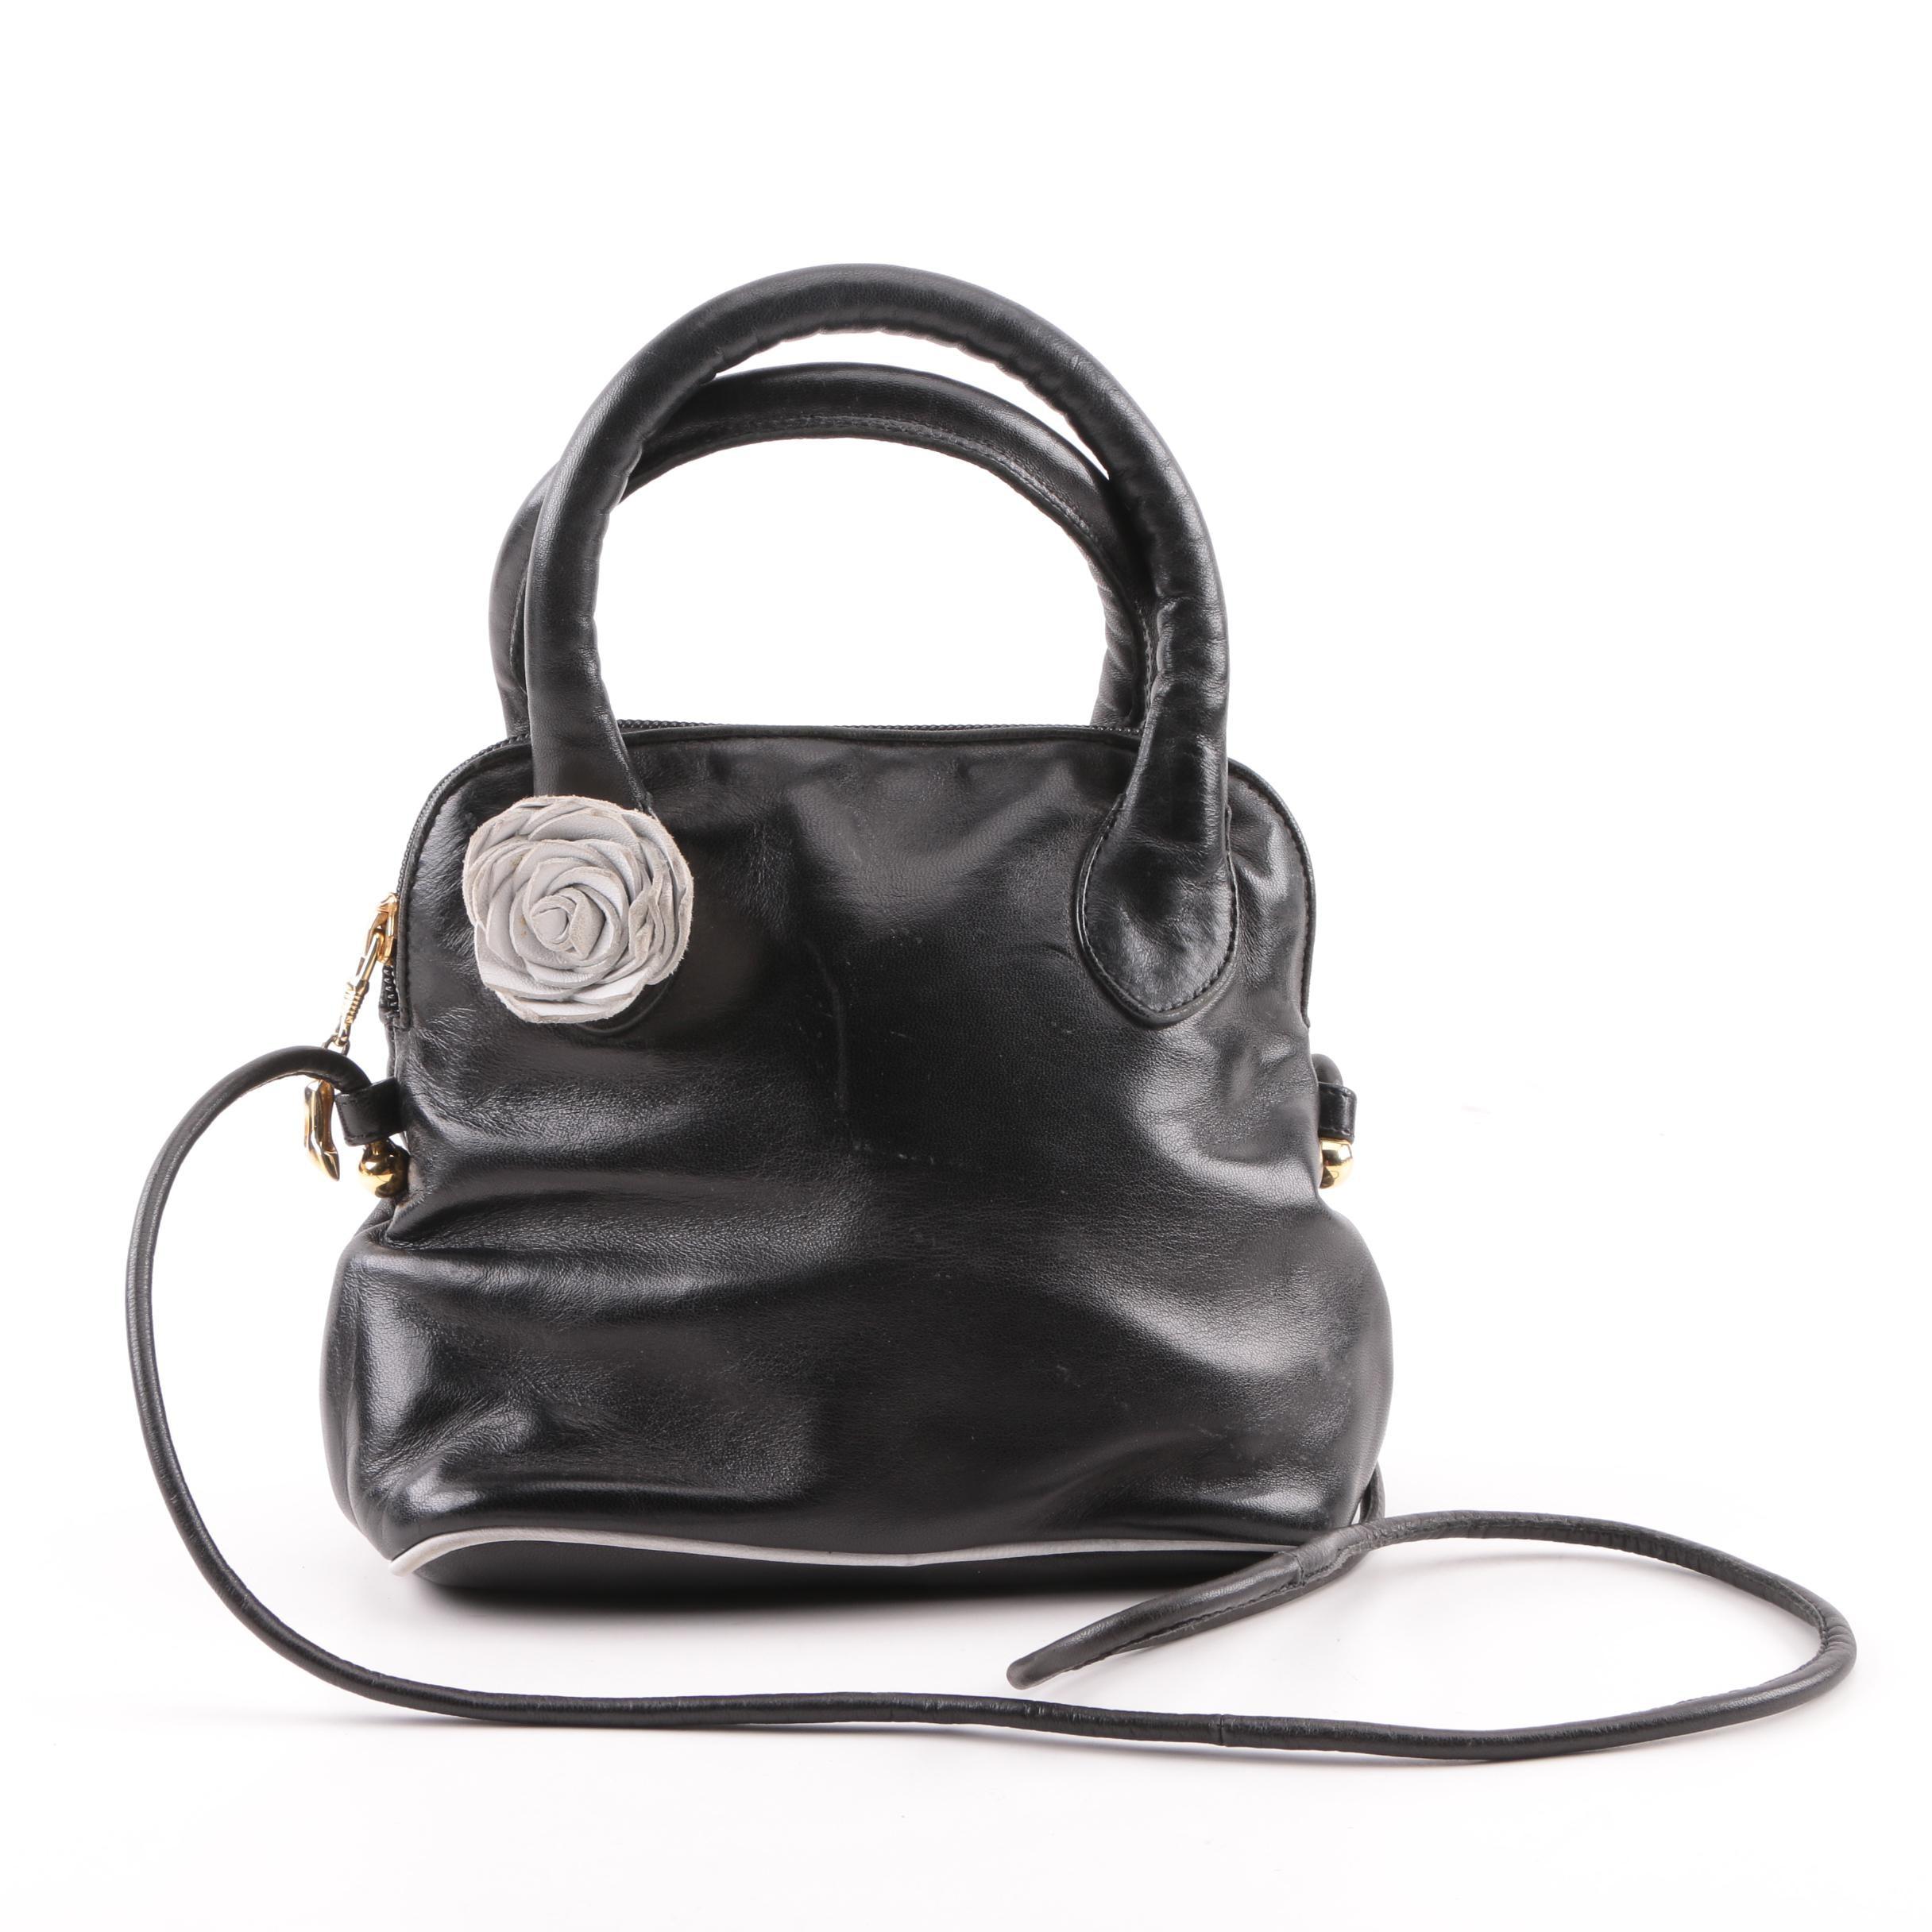 Vintage Maud Frizon Paris Black Leather Satchel with Rosette